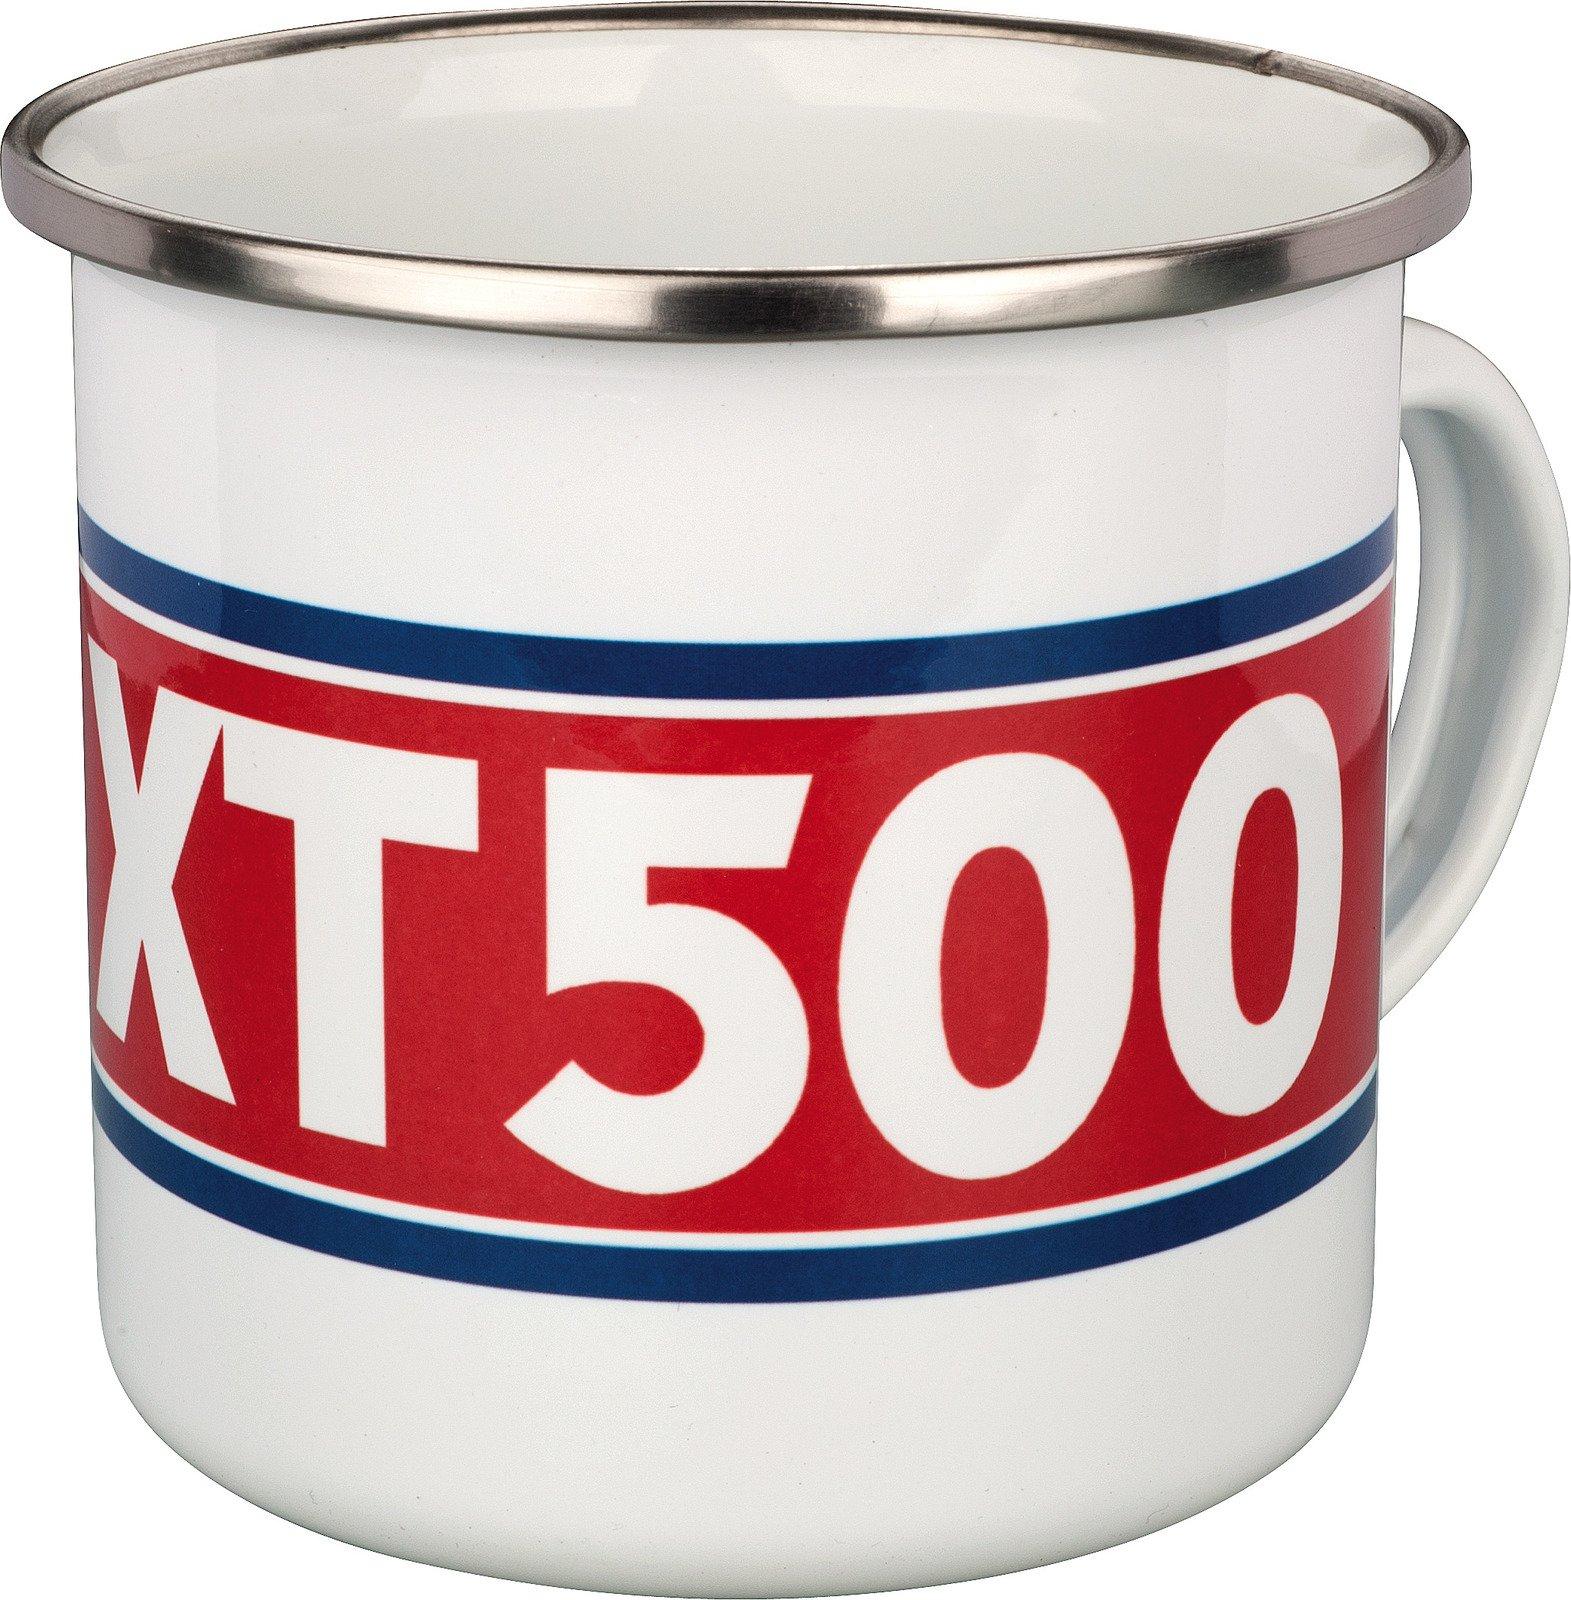 Nostalgia Cup 'XT500' 41401